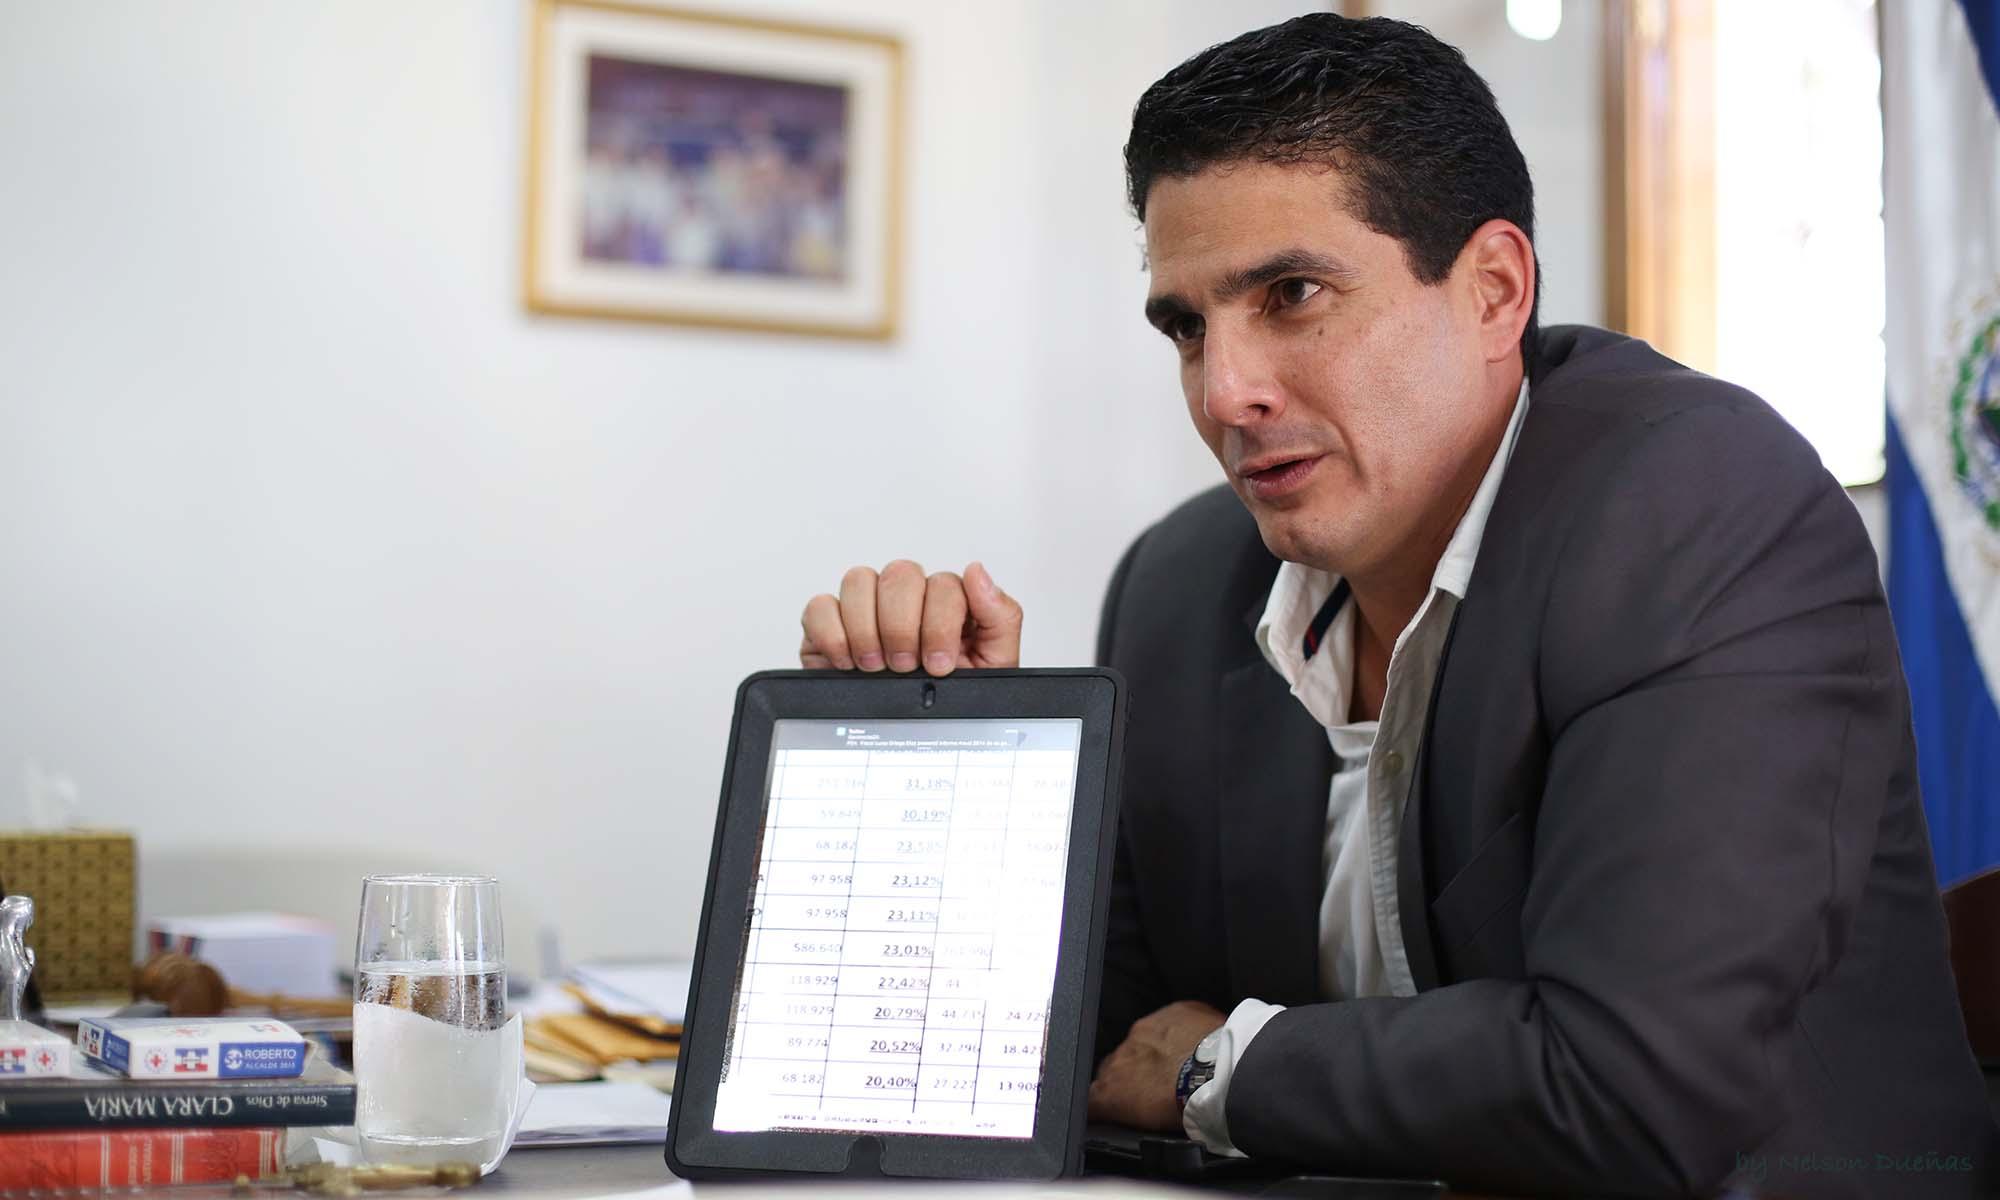 d'Abuisson habría obtenido 35 mil votos válidos el pasado 1 de marzo. Habría superado entre un 10 y 14 por ciento a Armando Flores, del FMLN. Foto D1 Nelson Dueñas.